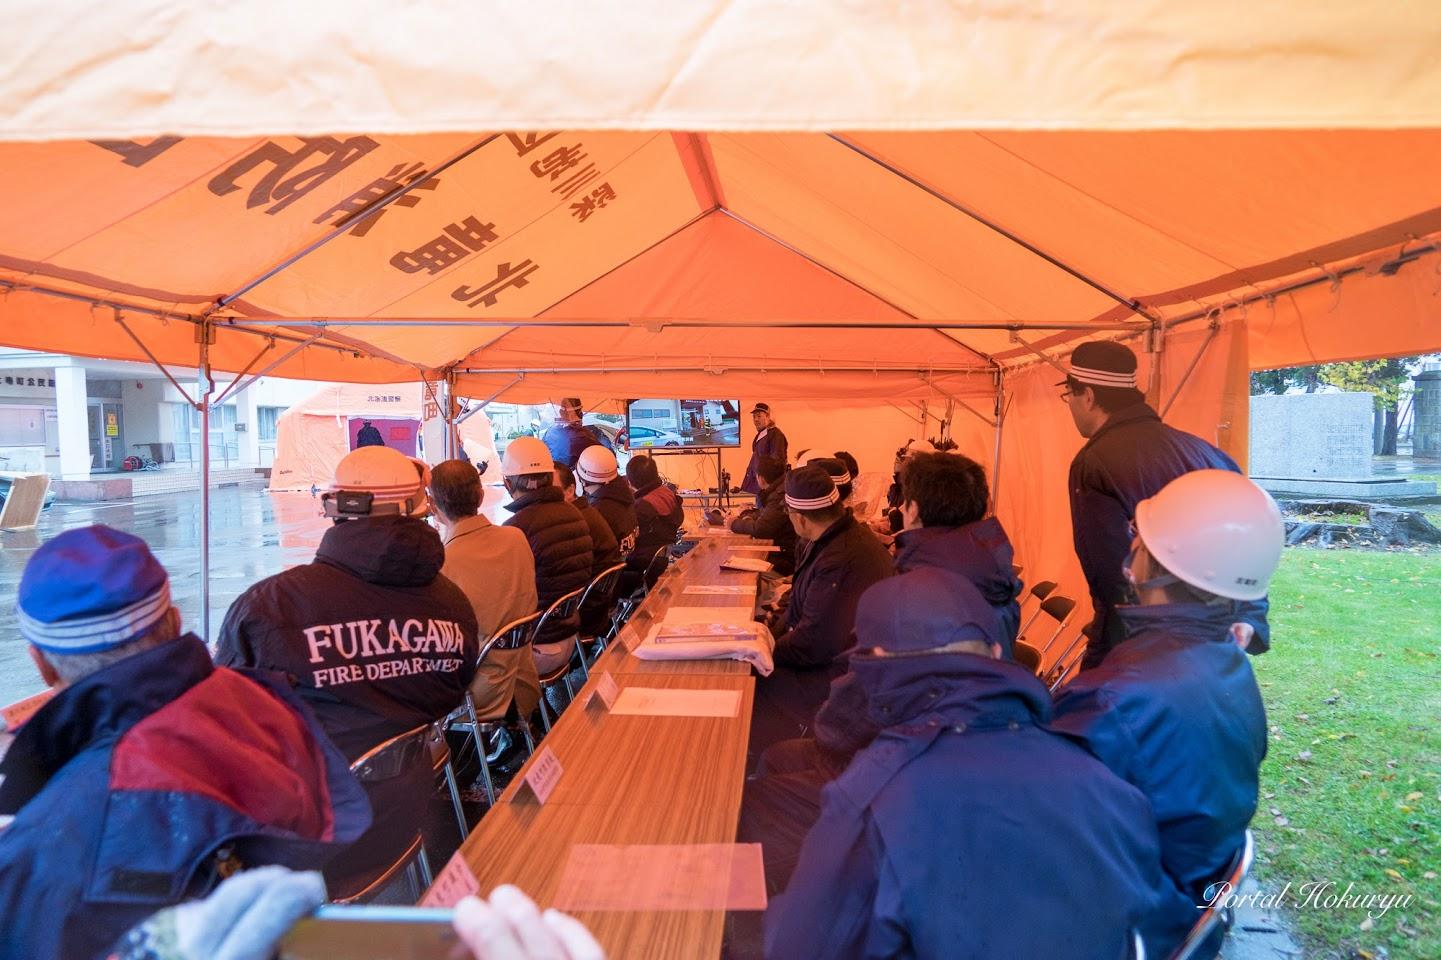 避難所「西川コミュニティーセンター」の様子をライブ中継